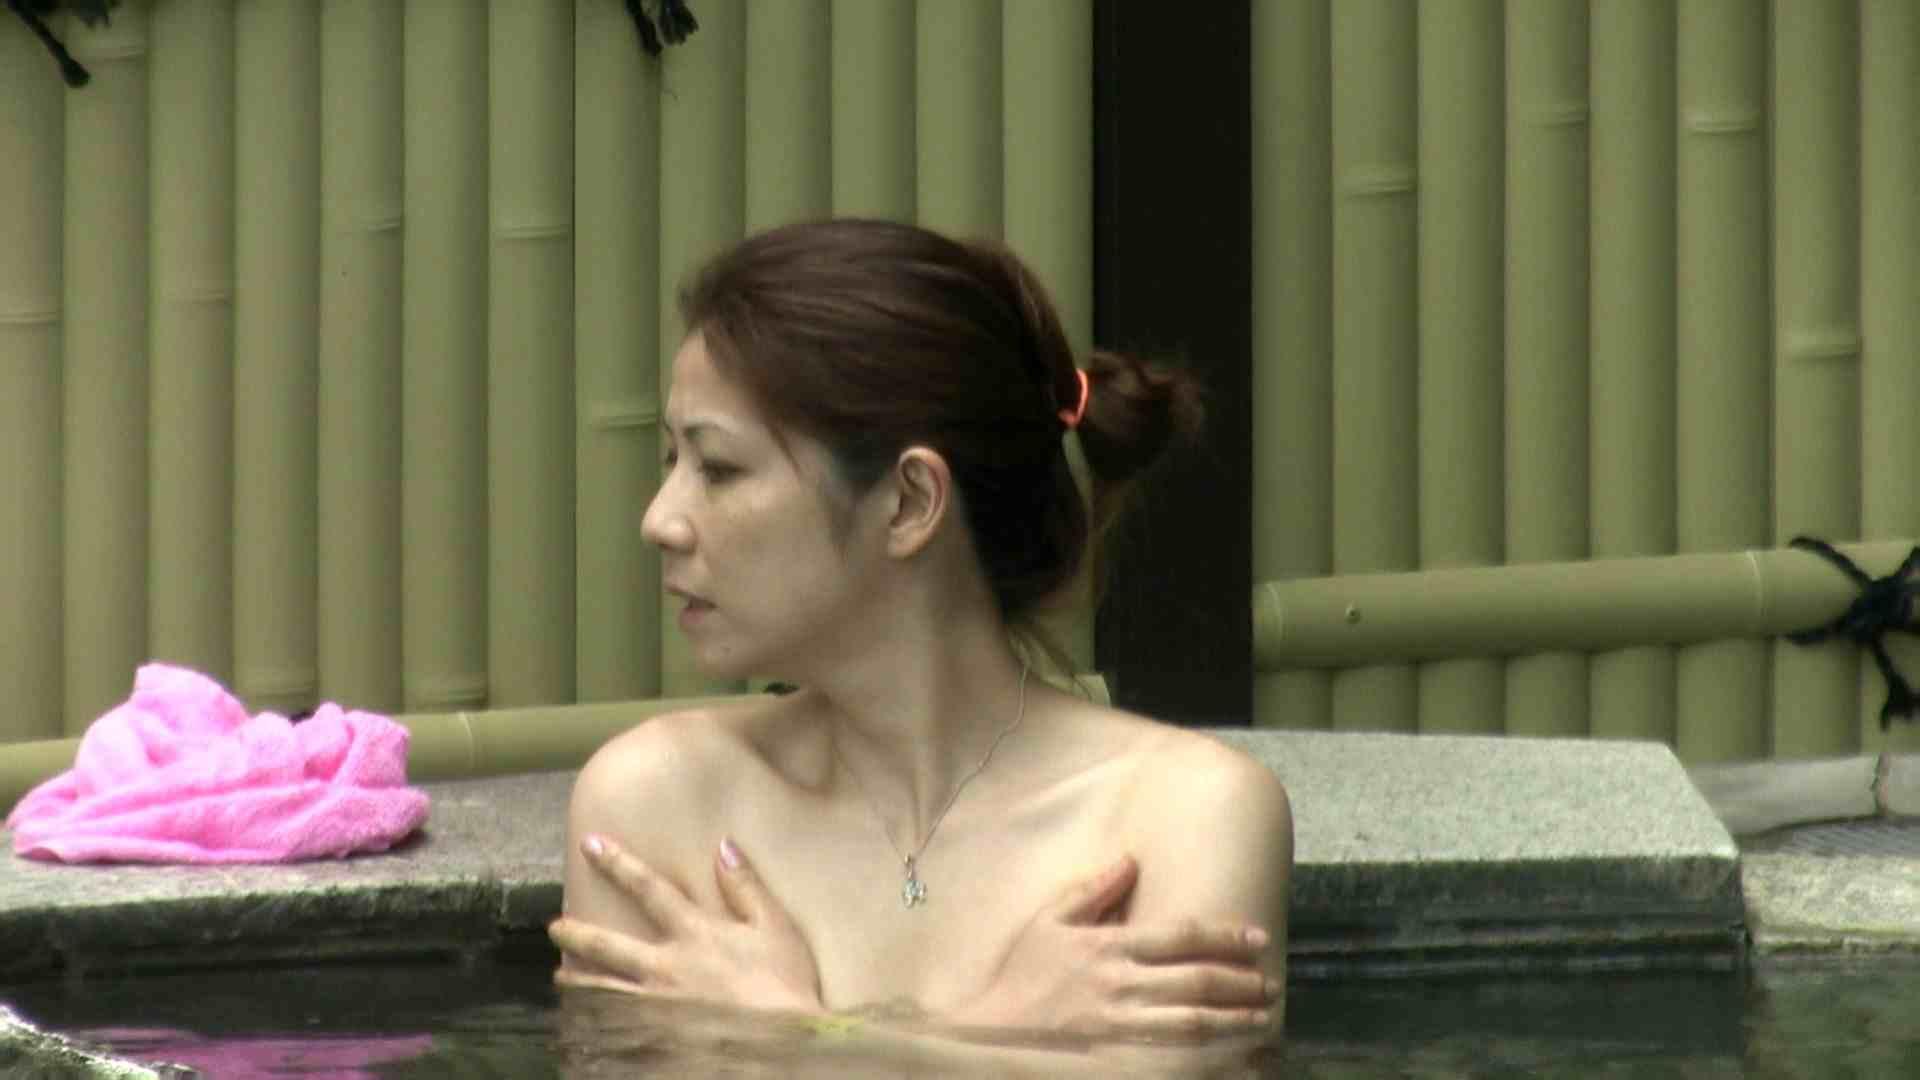 Aquaな露天風呂Vol.660 露天 | 盗撮  102pic 2